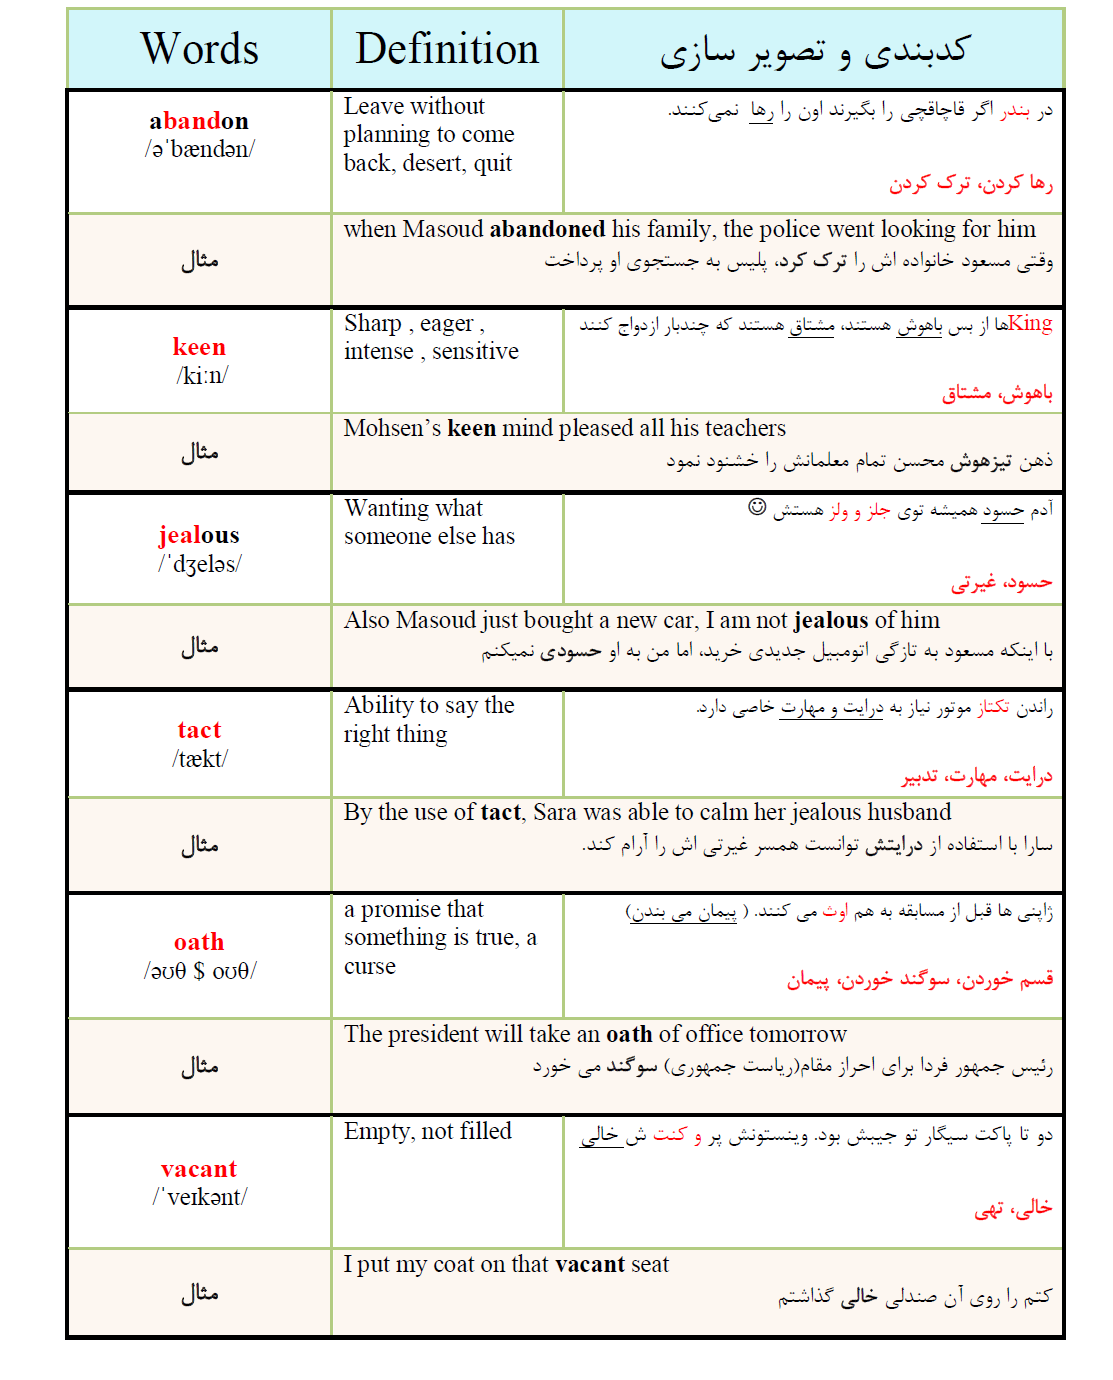 آموزش حرفه ای لغات 504 به روش کدینگ